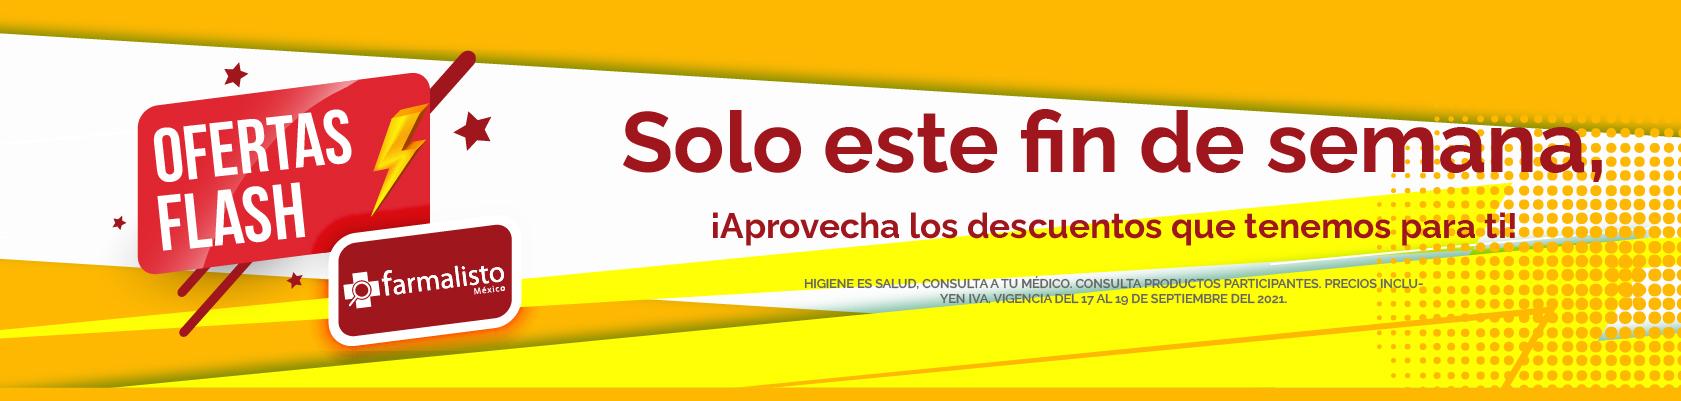 1680x400-OfertaFlash-3-